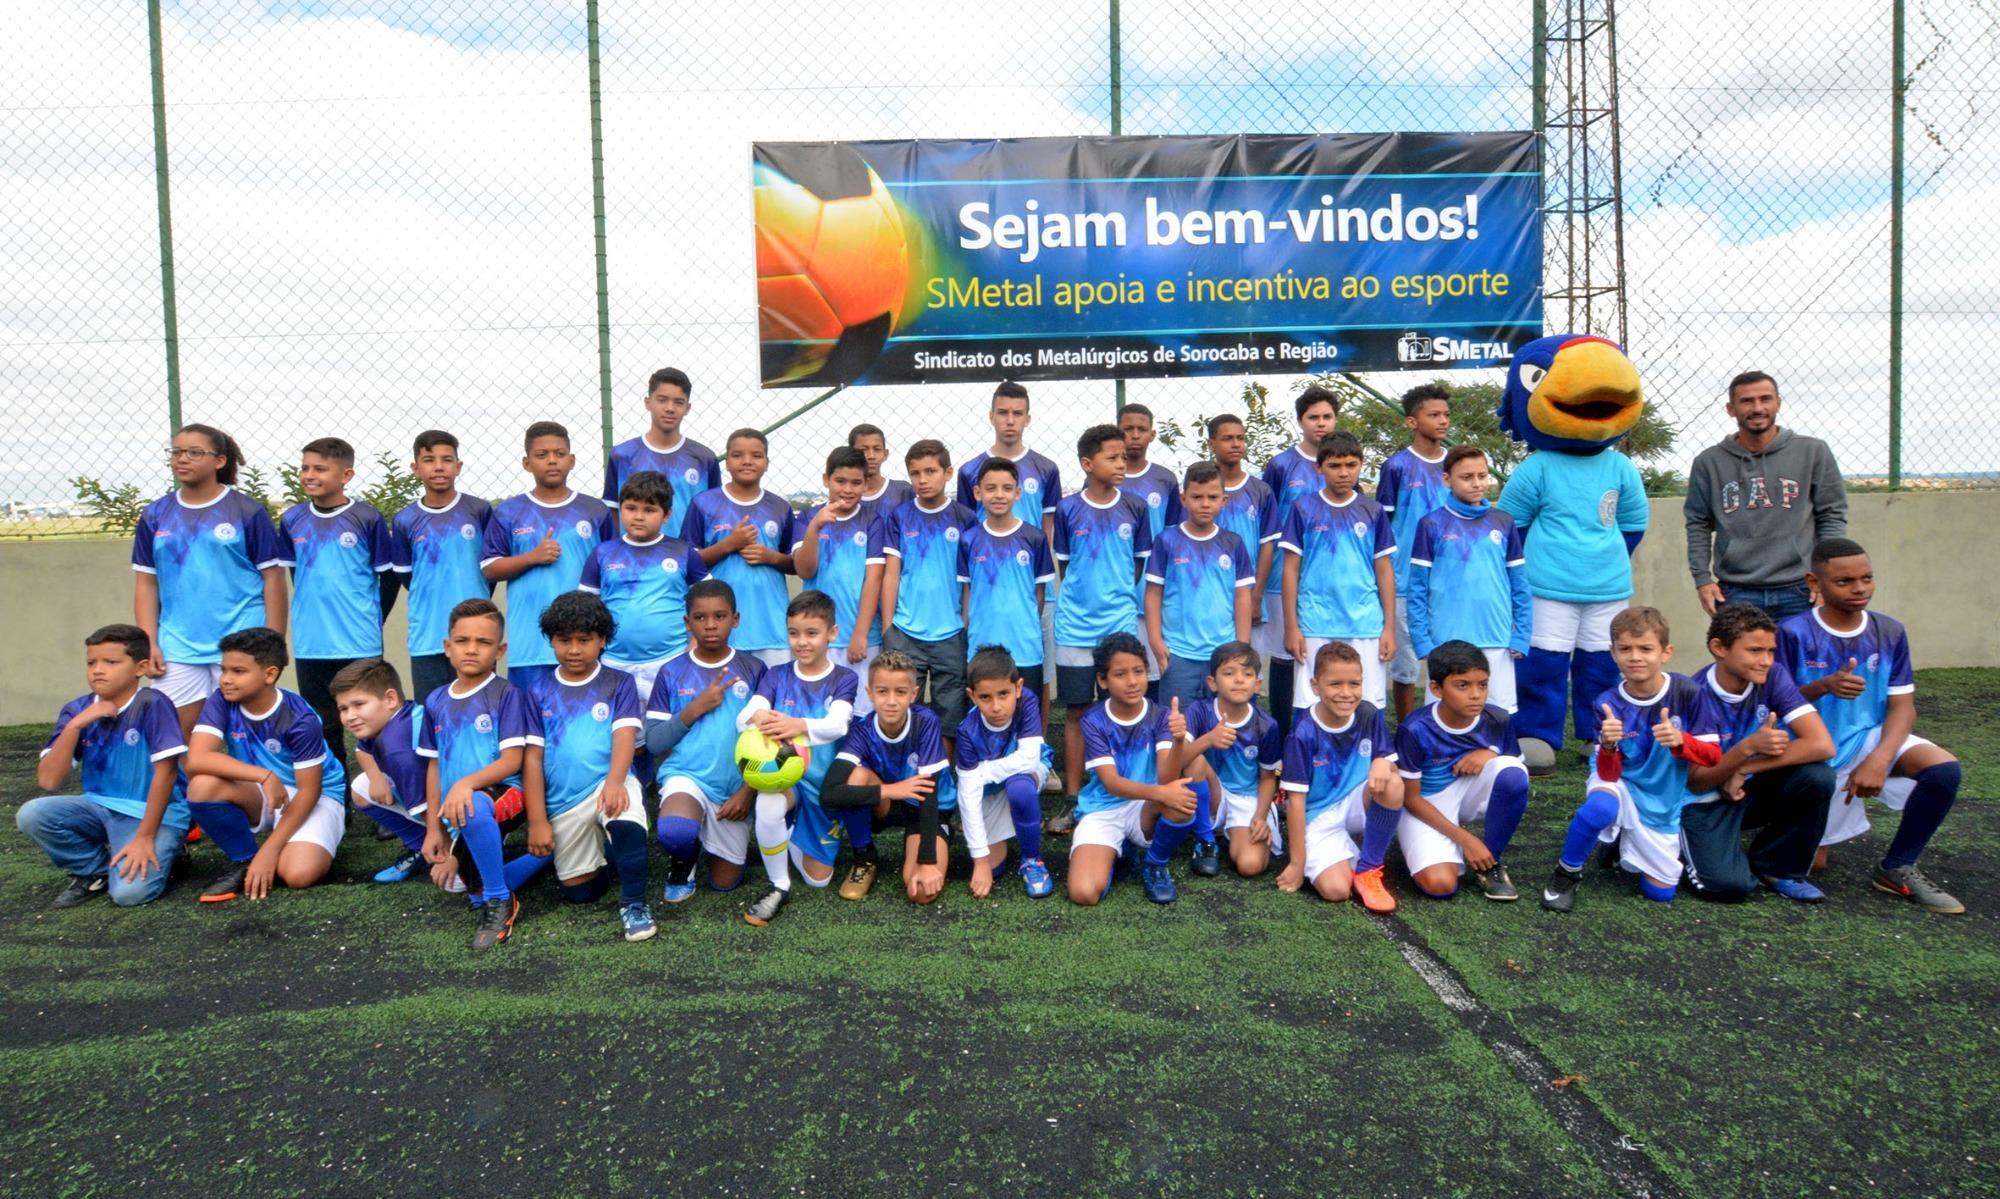 Escolinha de Futebol Oficial do São Bento é inaugurada em Sorocaba